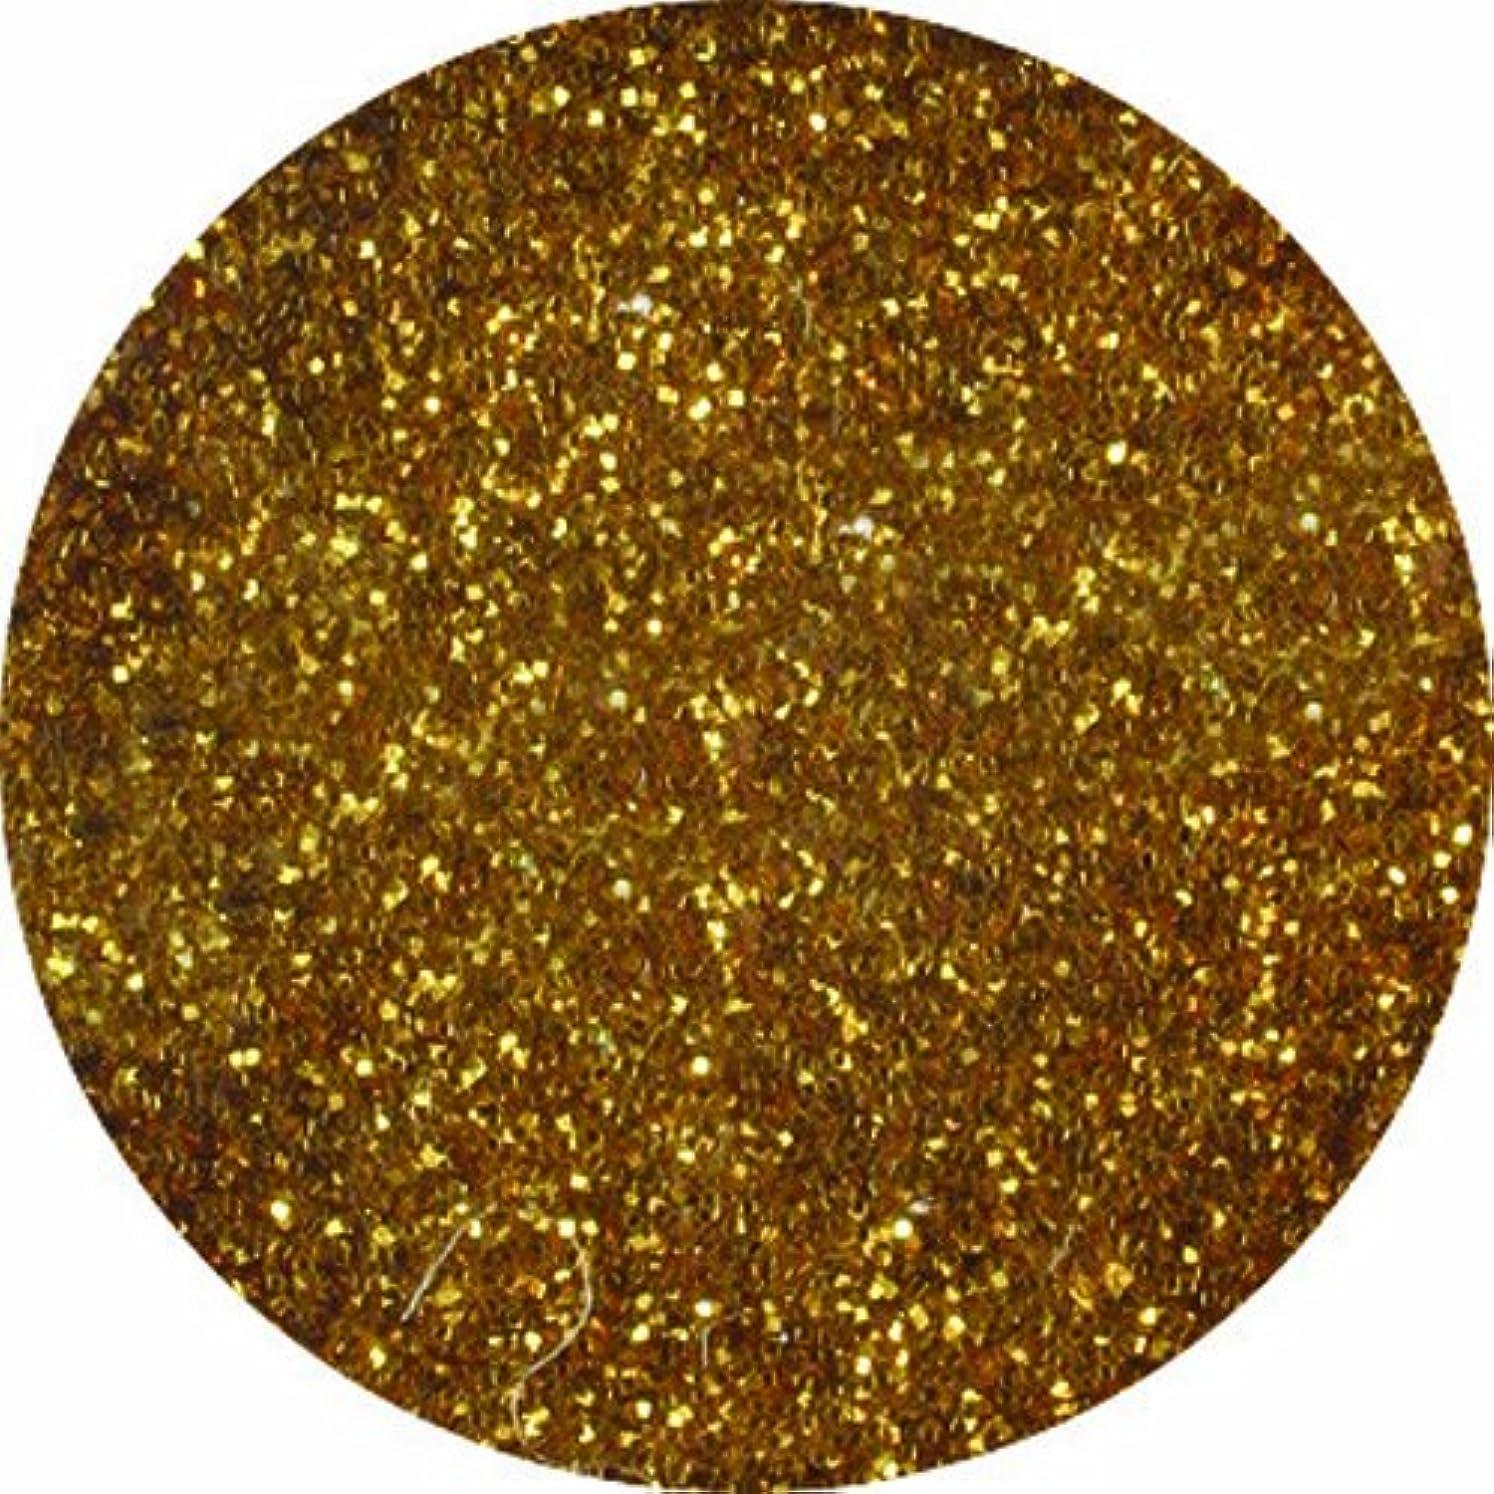 イソギンチャクスキャン表示ビューティーネイラー ネイル用パウダー 黒崎えり子ジュエリーコレクション ダークゴールド0.05mm